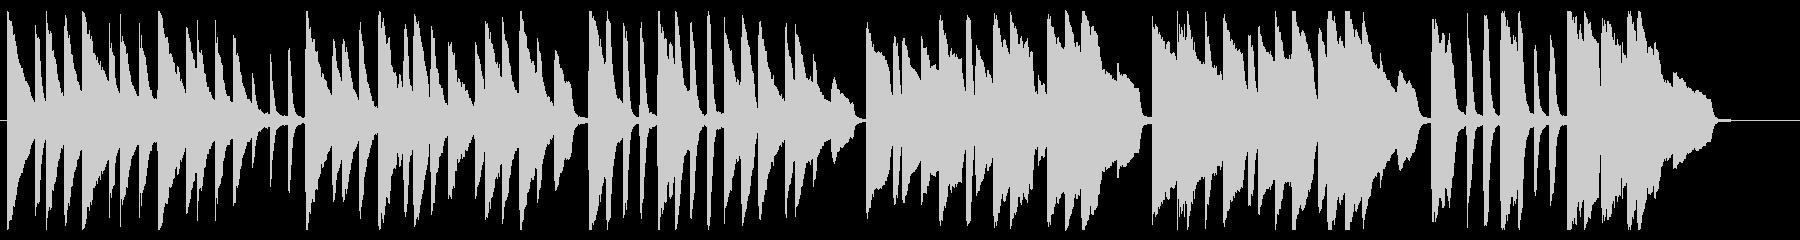 かたつむり ピアノver.の未再生の波形